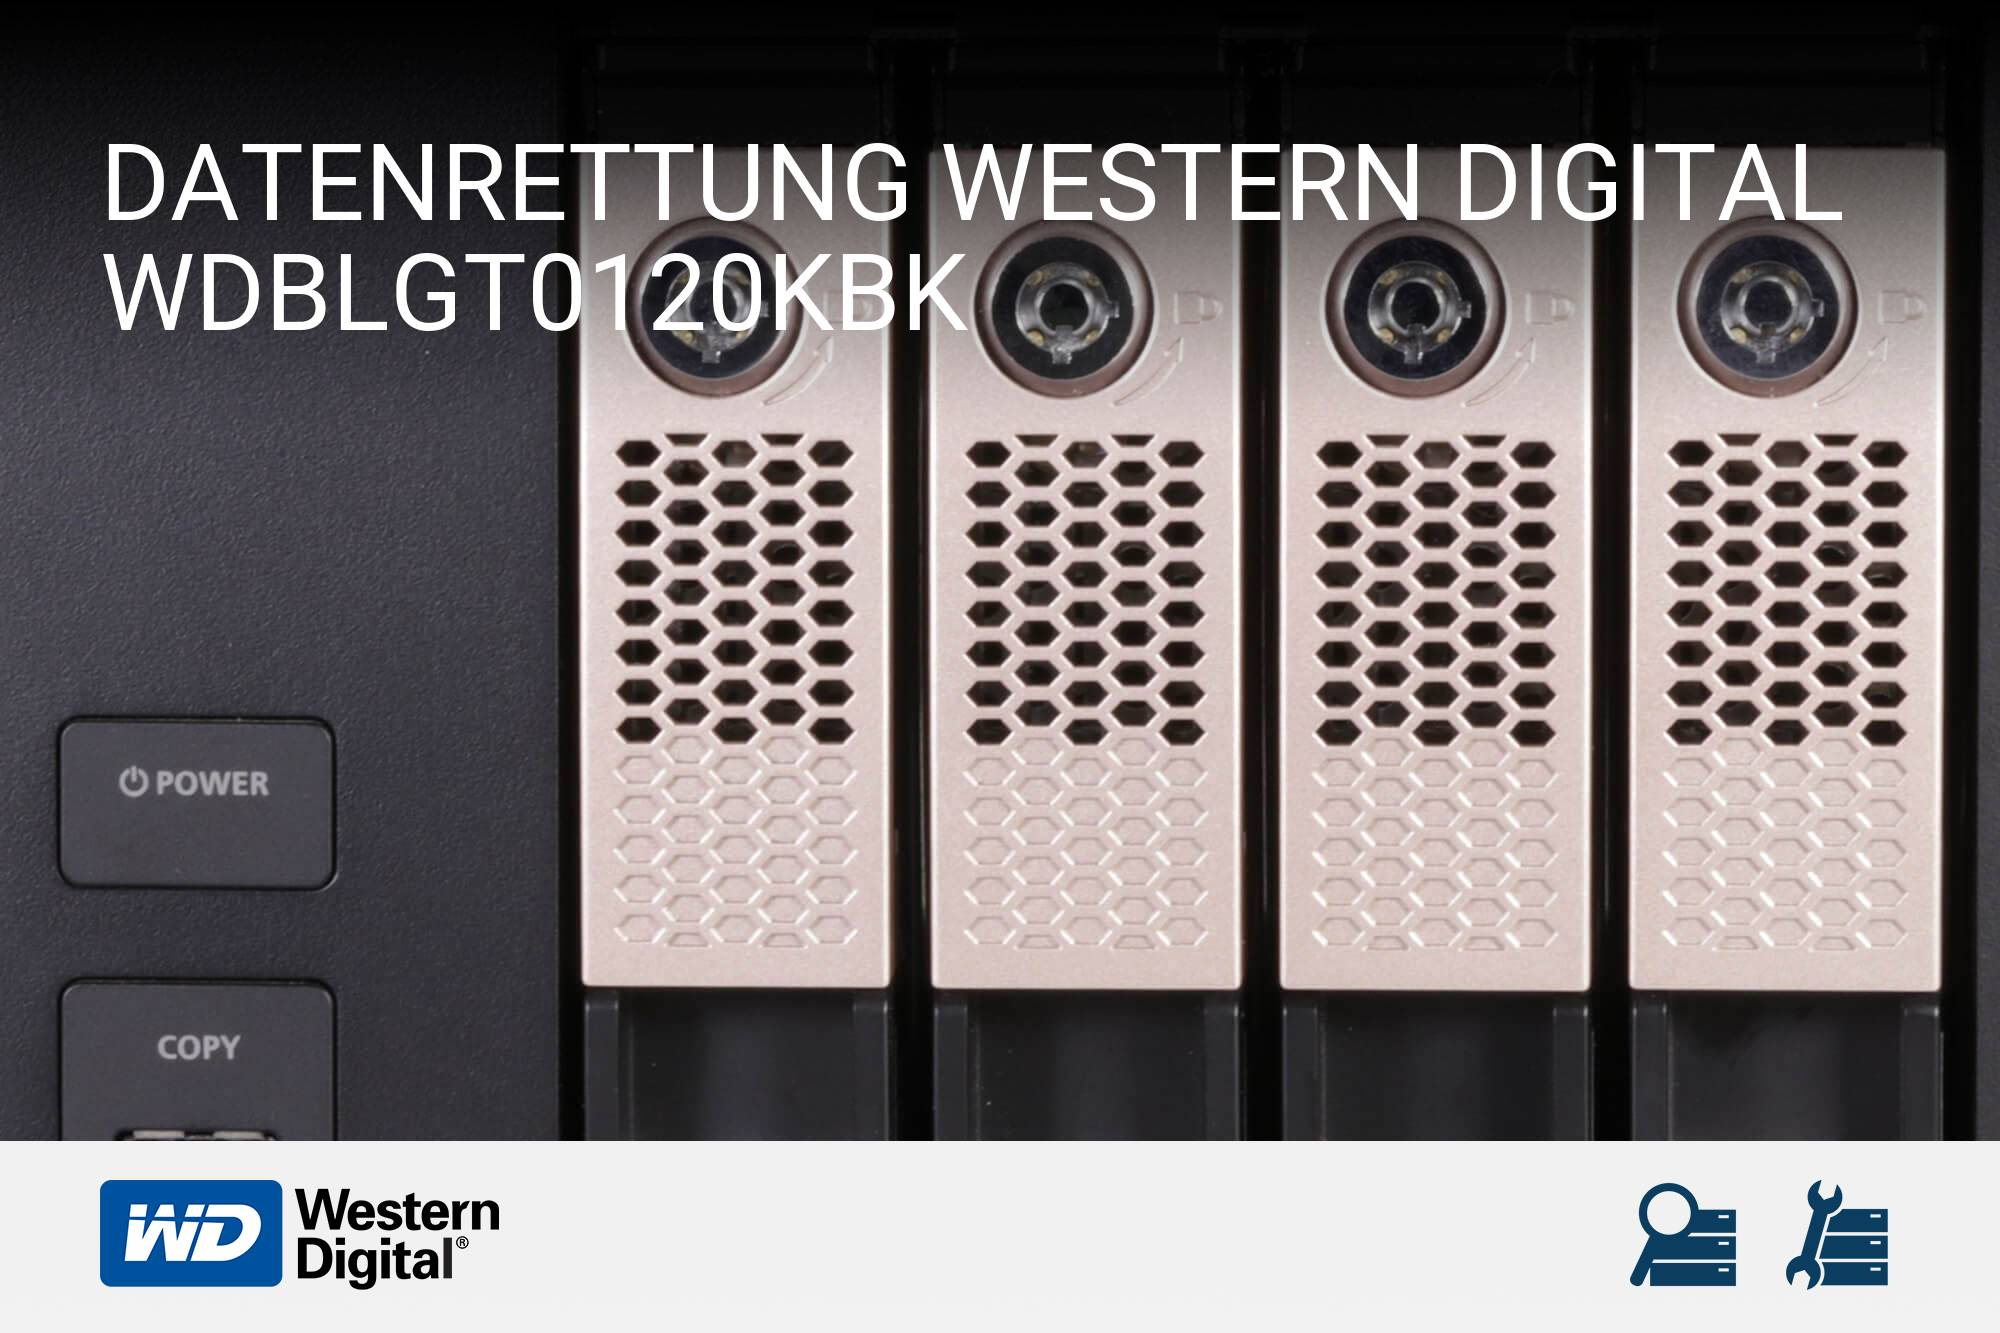 Western Digital WDBLGT0120KBK